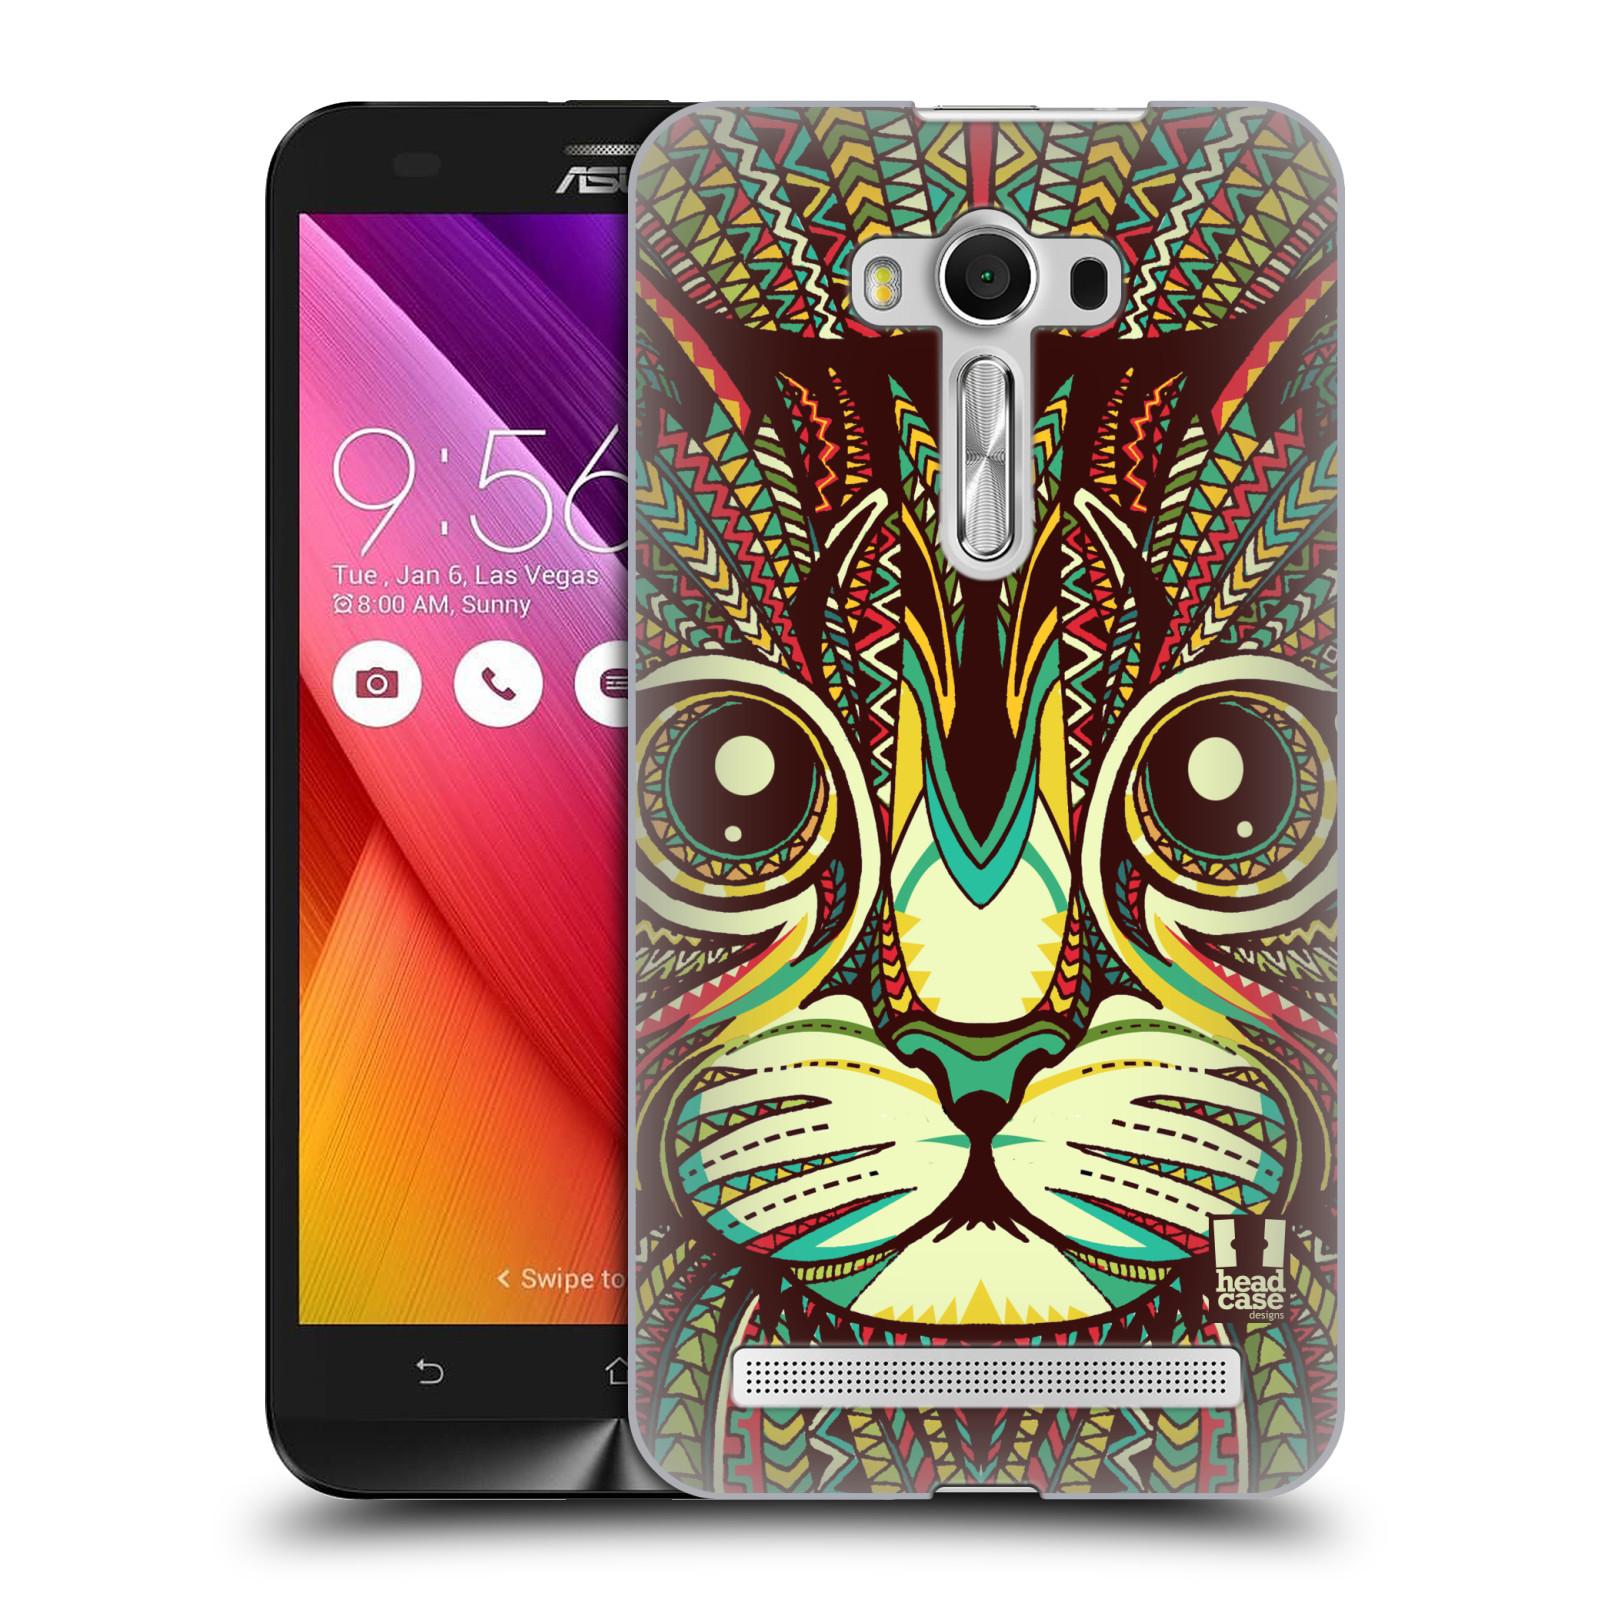 HEAD CASE plastový obal na mobil Asus Zenfone 2 LASER (5,5 displej ZE550KL) vzor Aztécký motiv zvíře 2 kotě